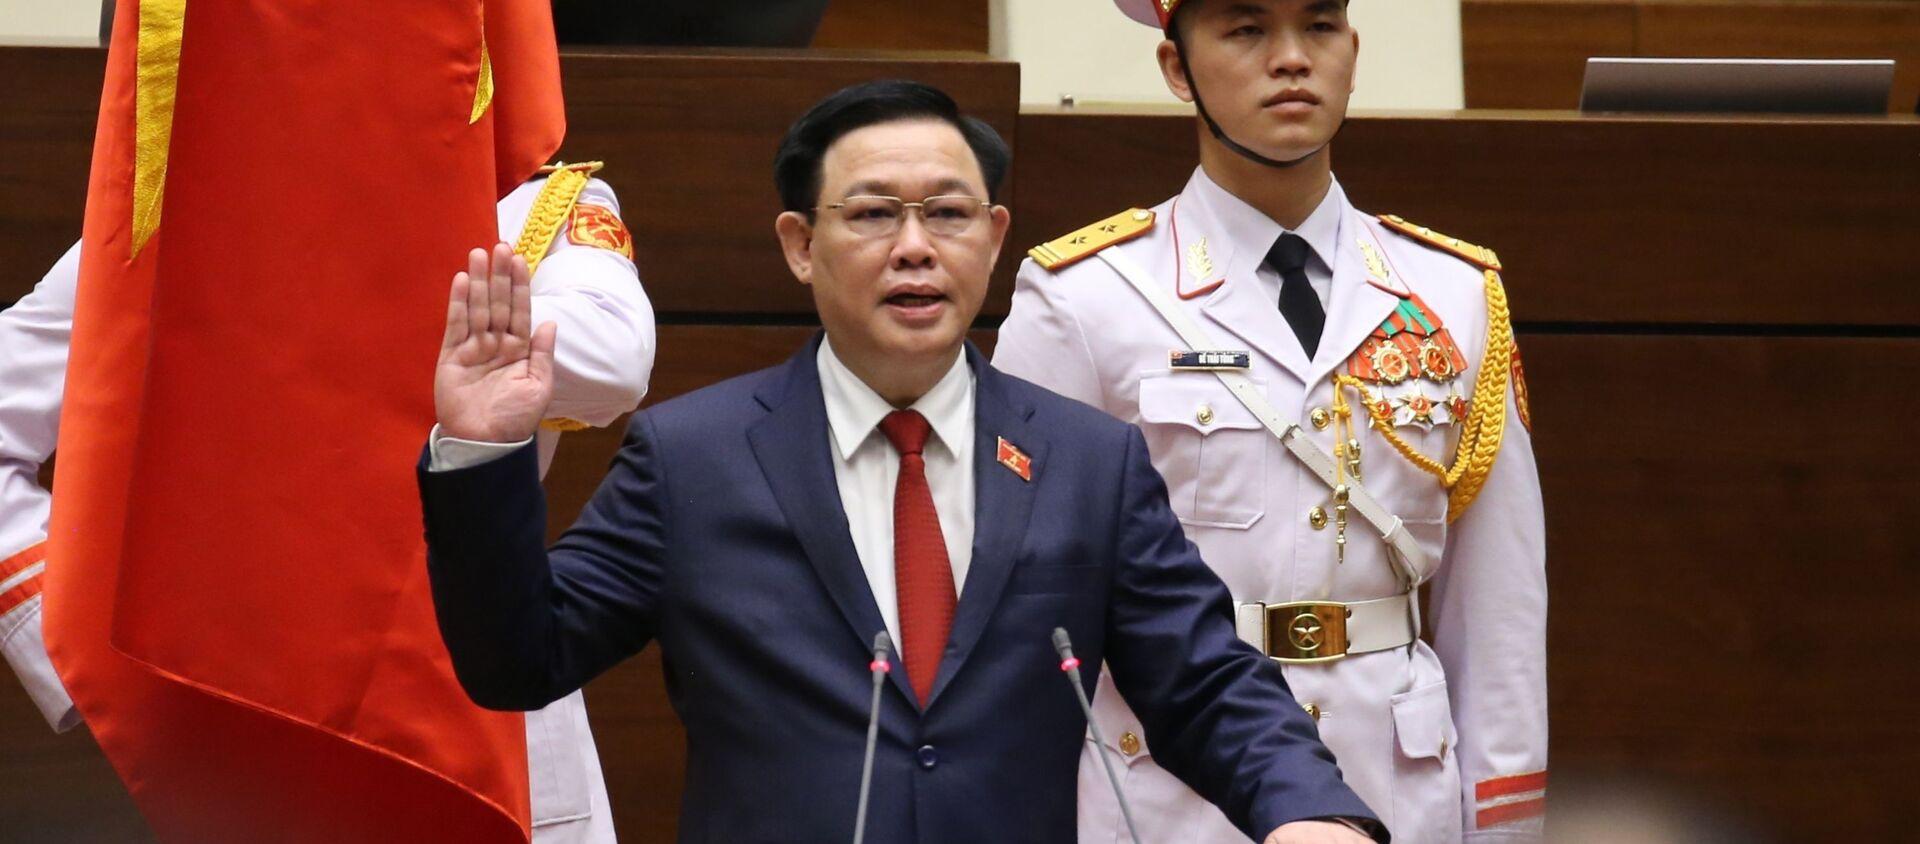 Chủ tịch Quốc hội Vương Đình Huệ tuyên thệ. - Sputnik Việt Nam, 1920, 31.03.2021